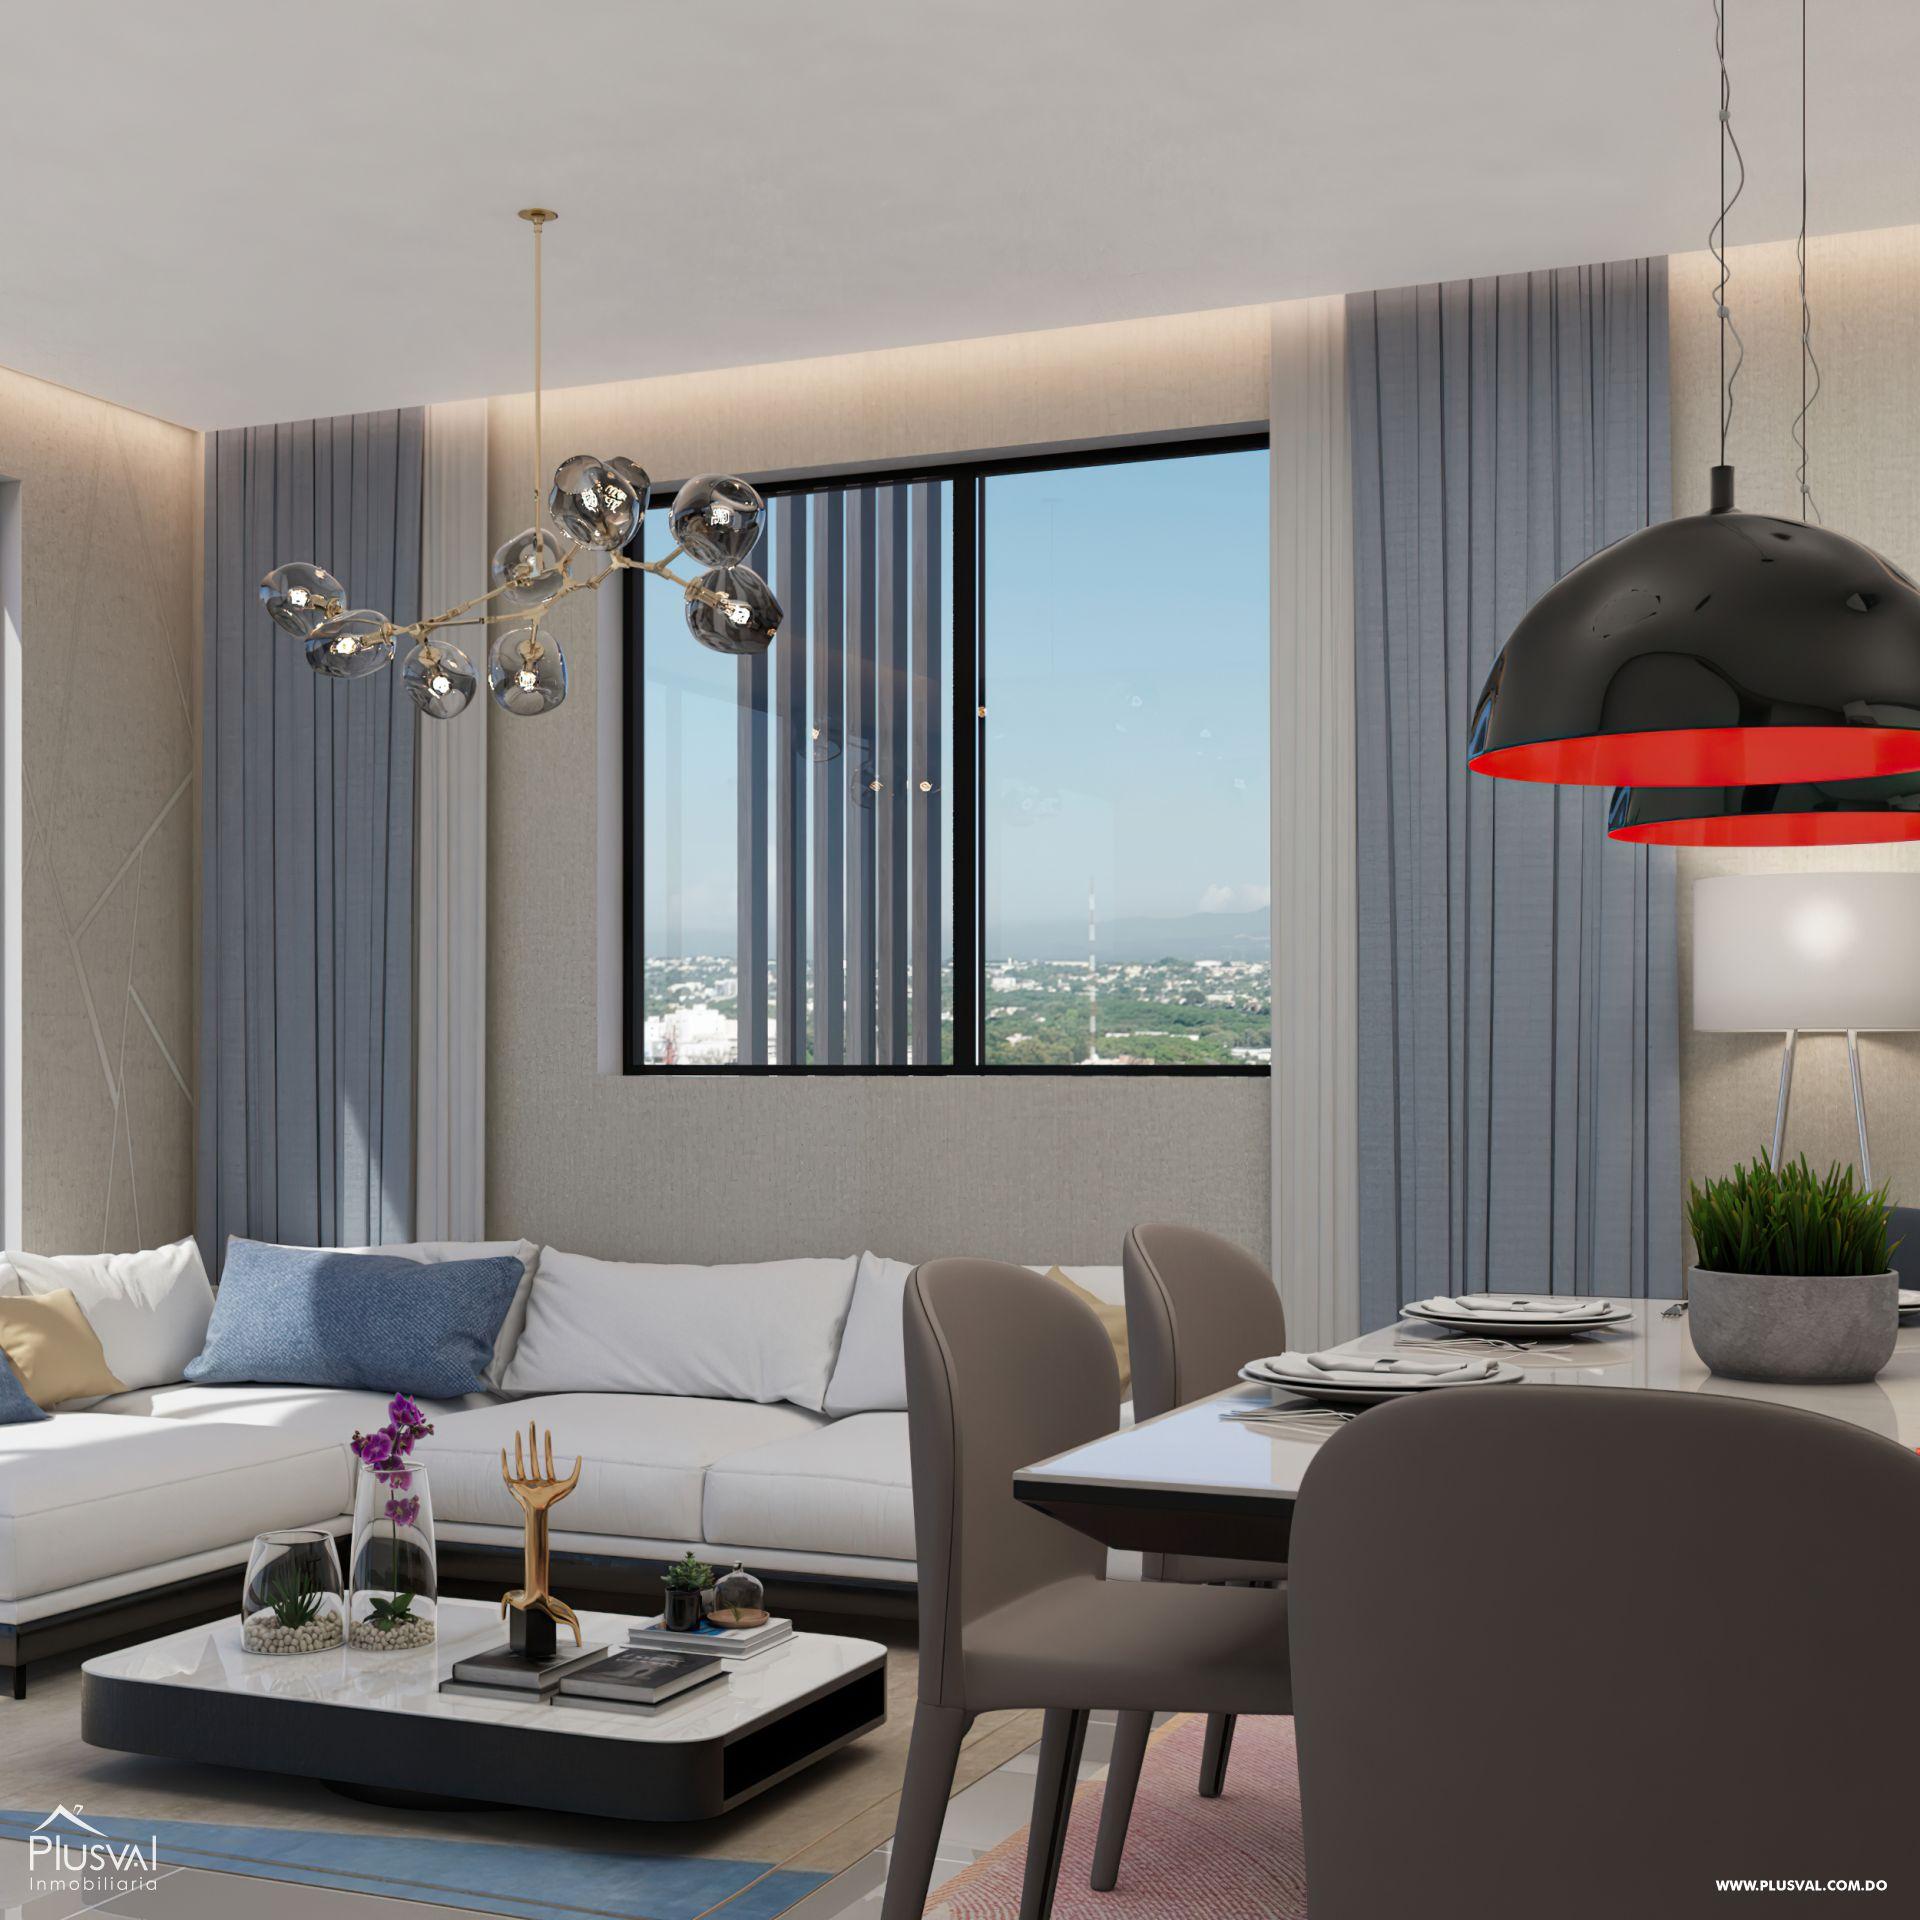 Exclusivo apartamento tipo suite en zona premium 177540